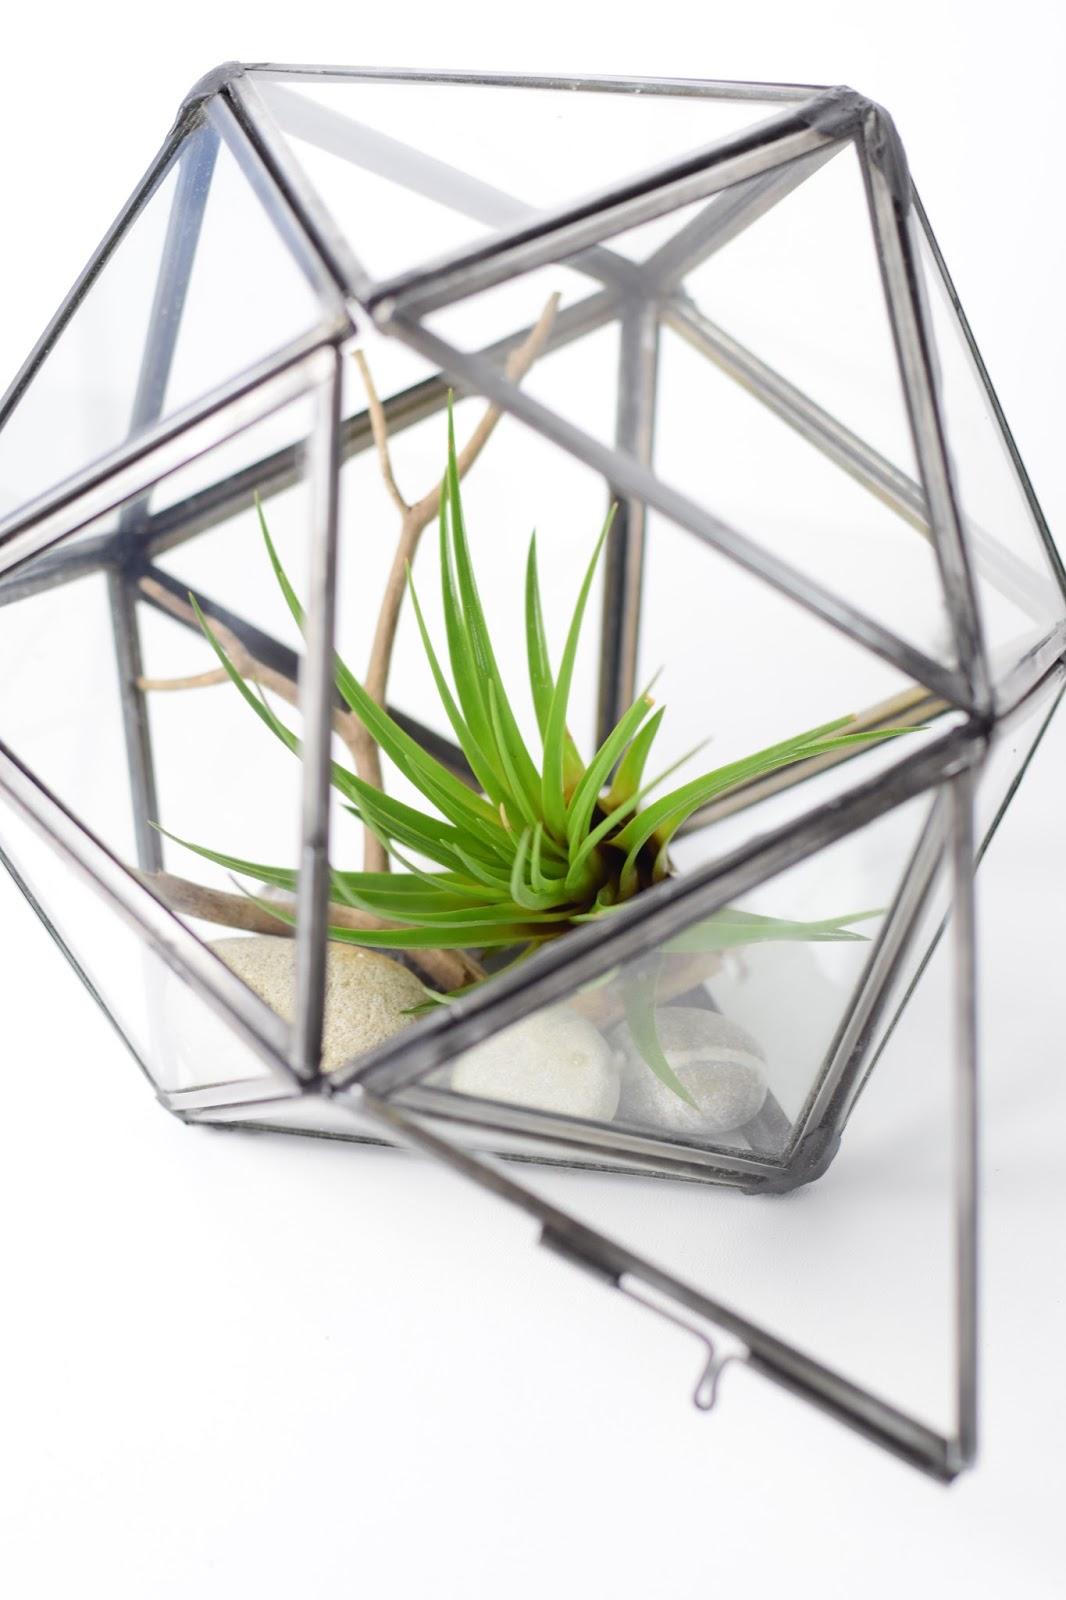 Zimtzebra geometrisches terrarium bepflanzung und for Geometrische deko